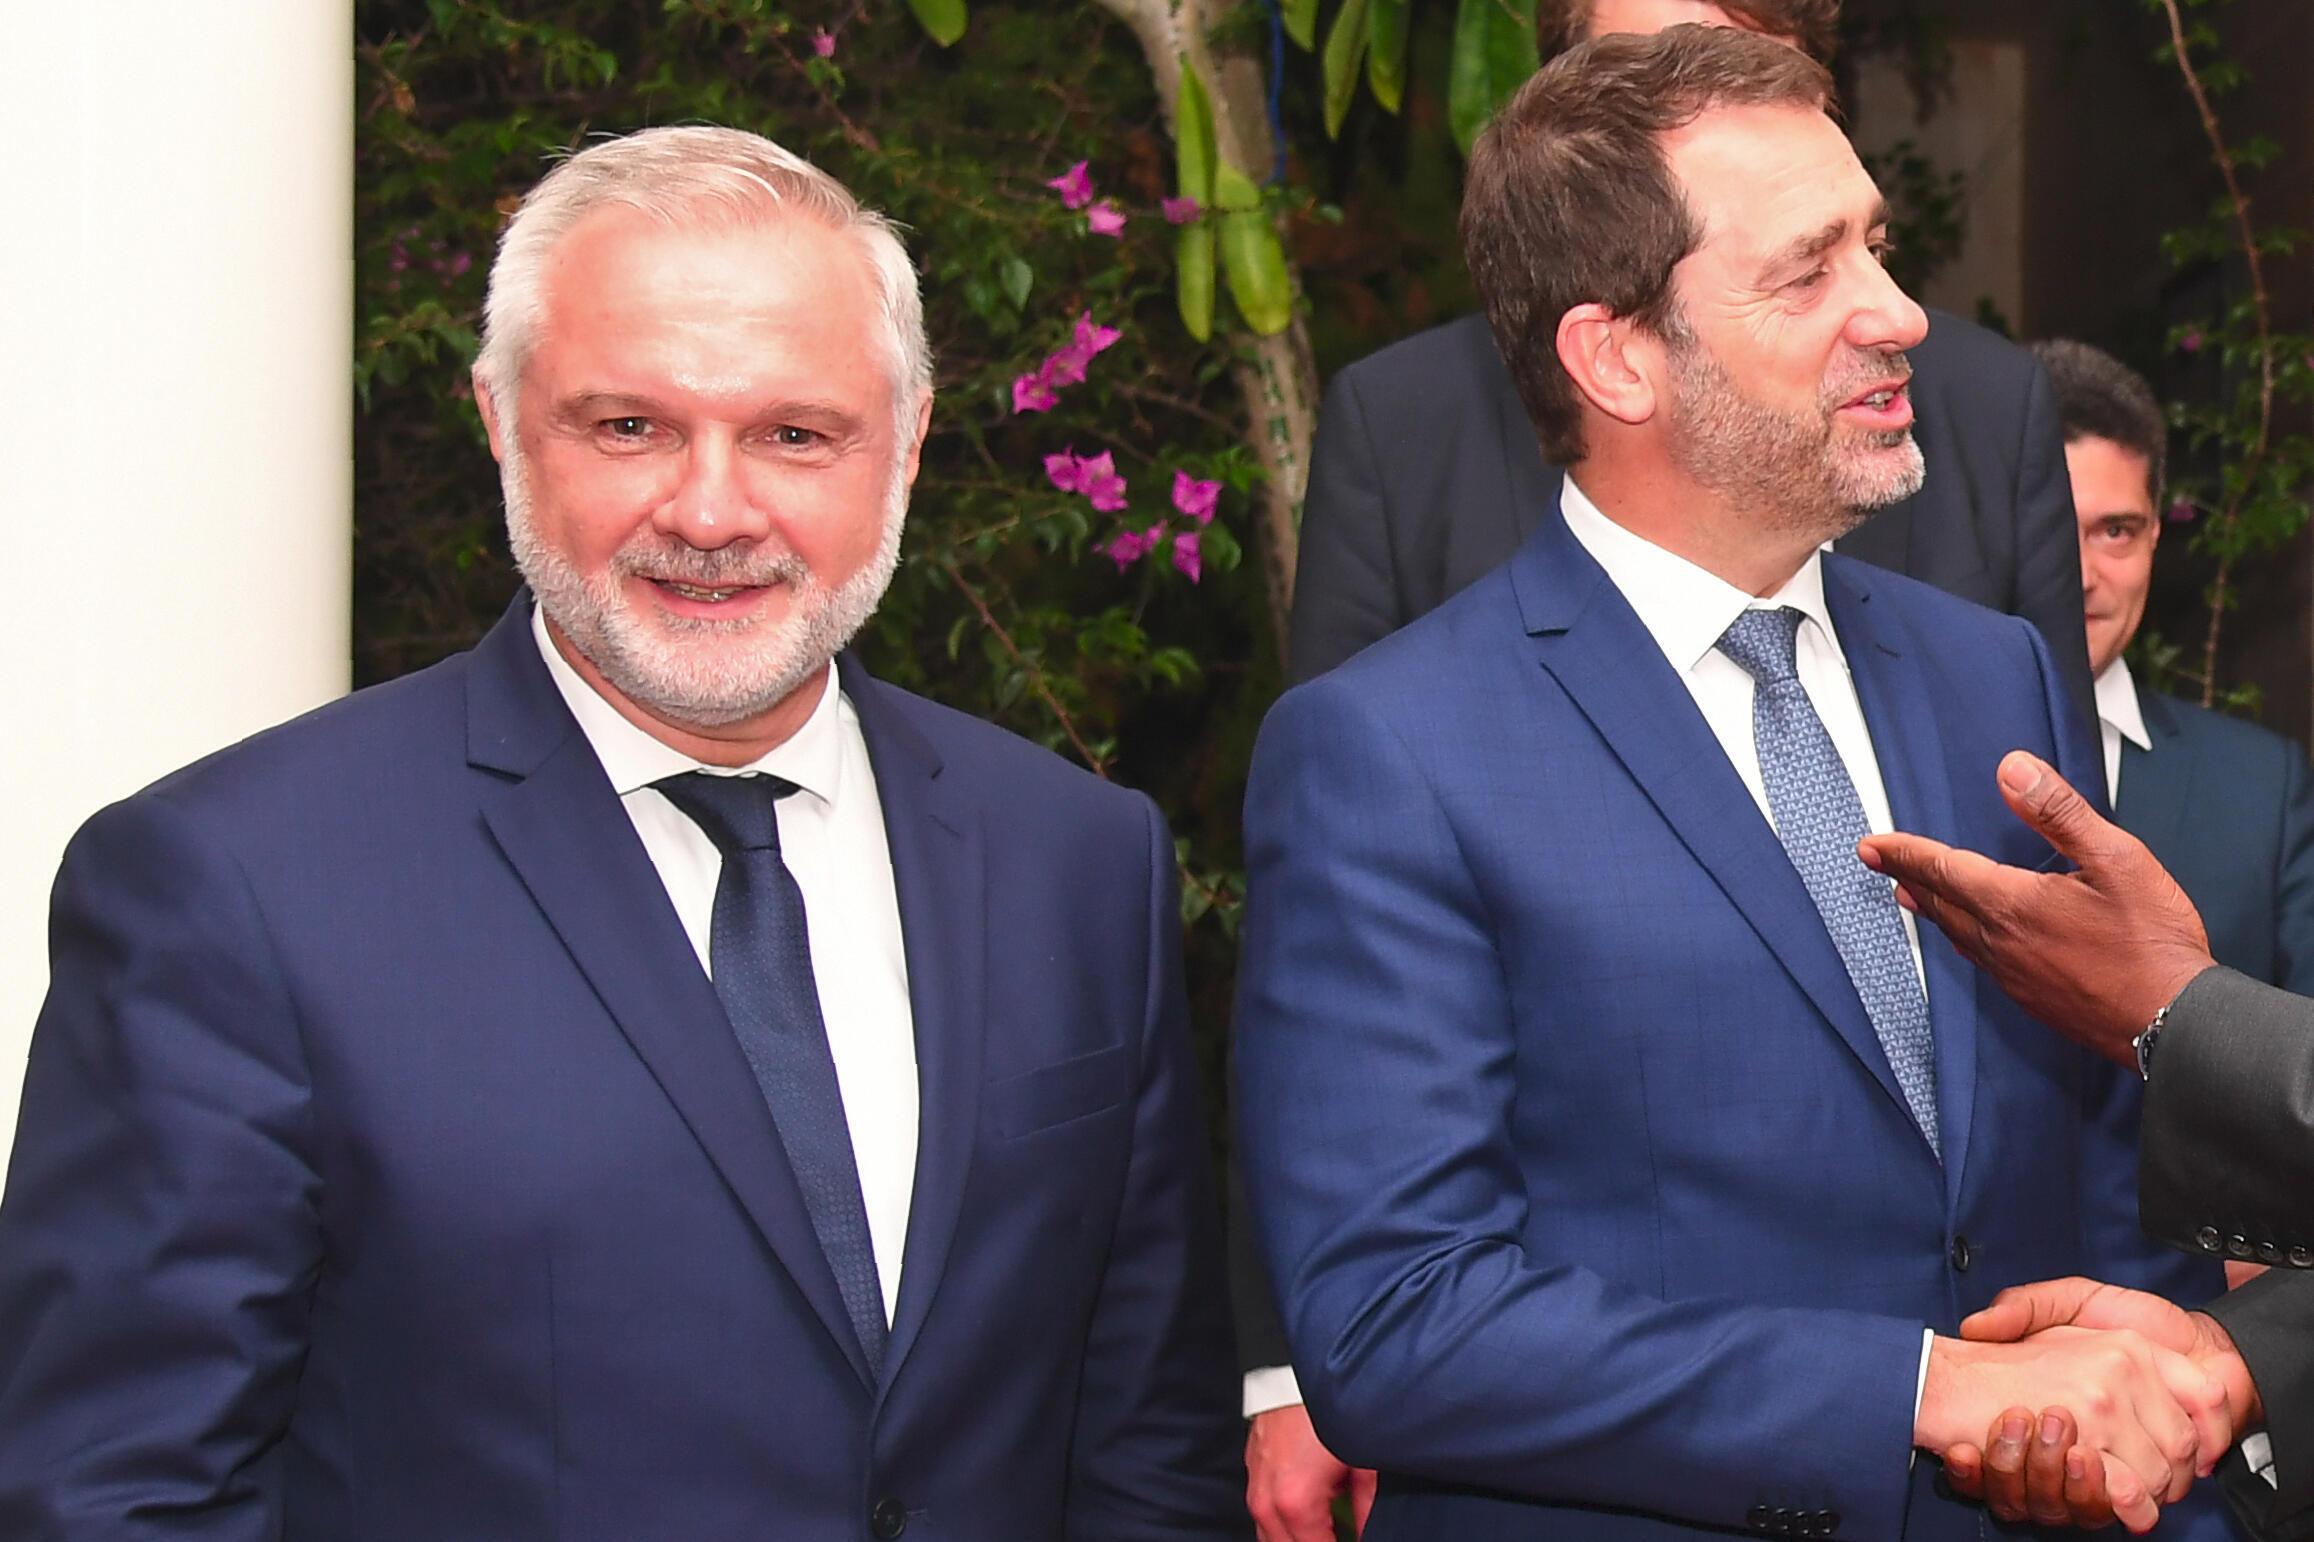 Le 20 mai 2019, l'ancien 'ambassadeur de France à Abidjan Gilles Huberson (à gauche) se tient aux côtés de Christophe Castaner après leur rencontre avec le président ivoirien à sa résidence à Abidjan.